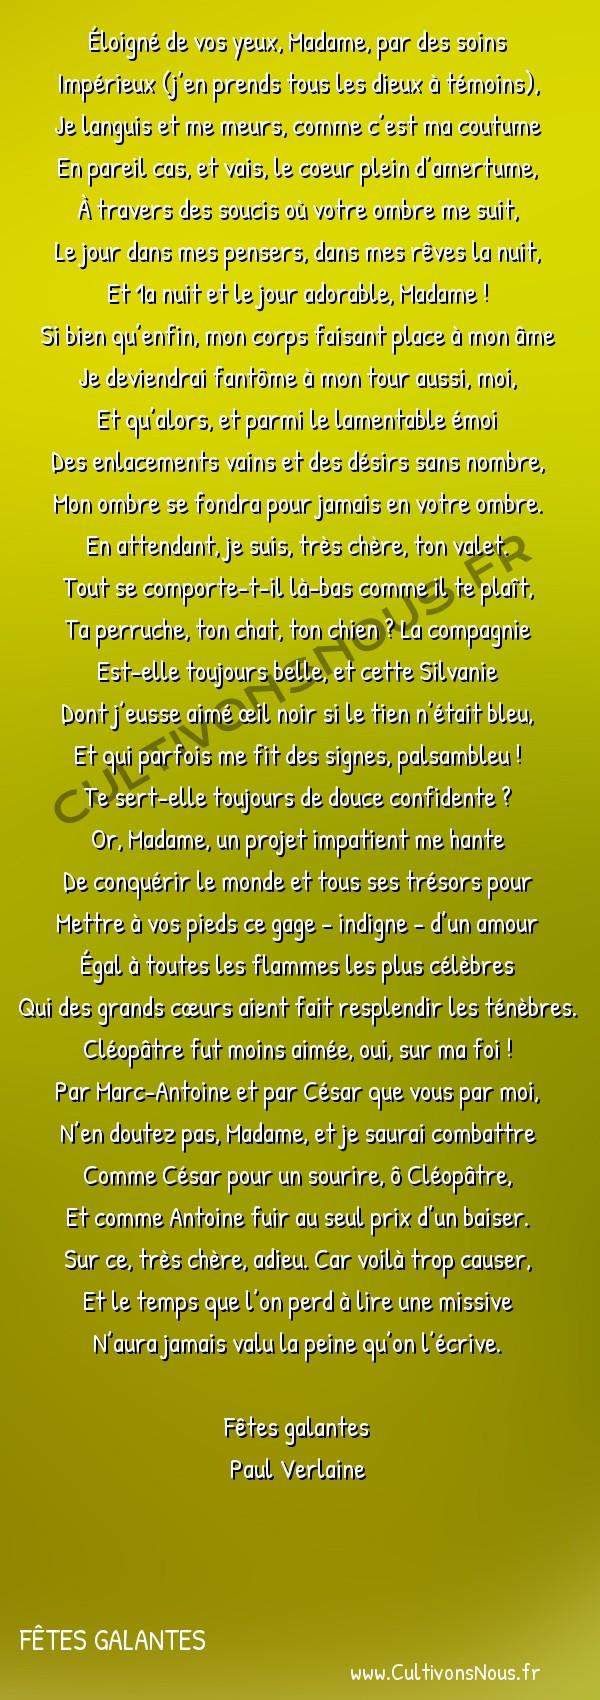 Poésie Paul Verlaine - Fêtes galantes - Lettre -  Éloigné de vos yeux, Madame, par des soins Impérieux (j'en prends tous les dieux à témoins),